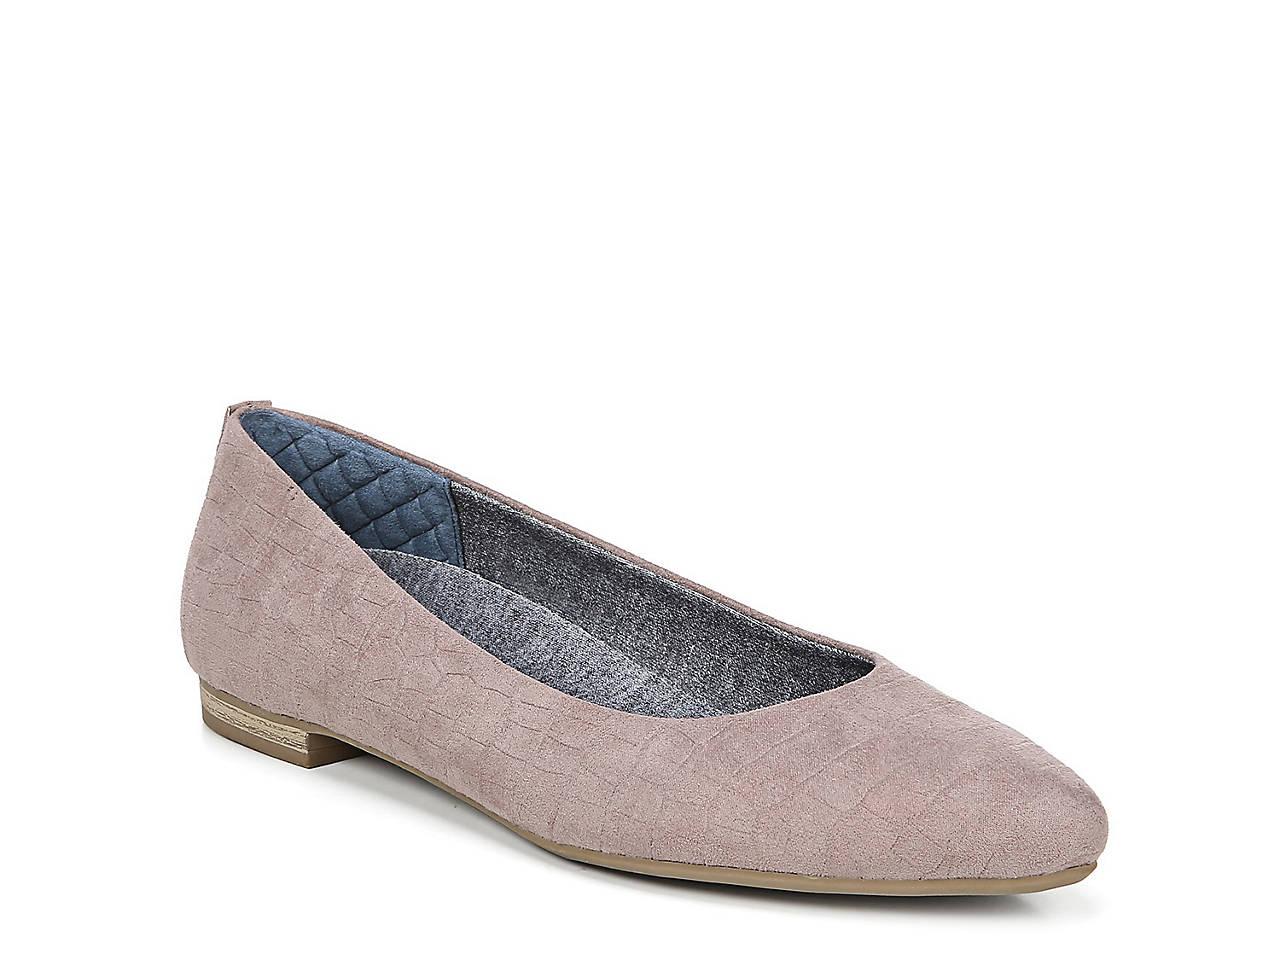 129ea1f14 Dr. Scholl s Aston Ballet Flat Women s Shoes